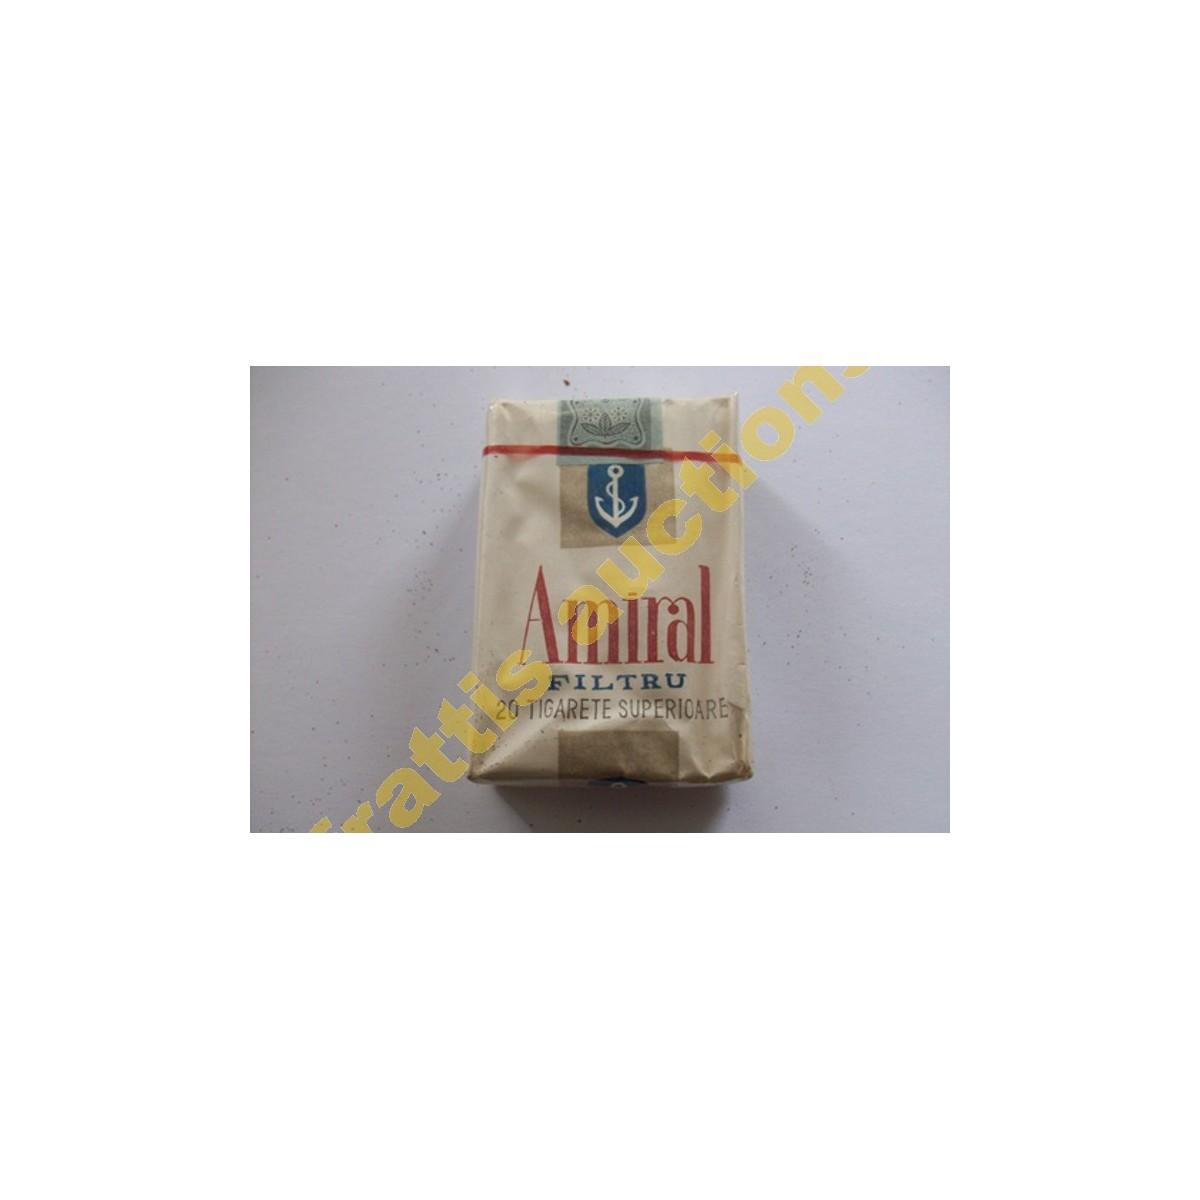 Χάρτινο πακέτο των 12 τσιγάρων Amiral filtru, Βουκουρέστι.